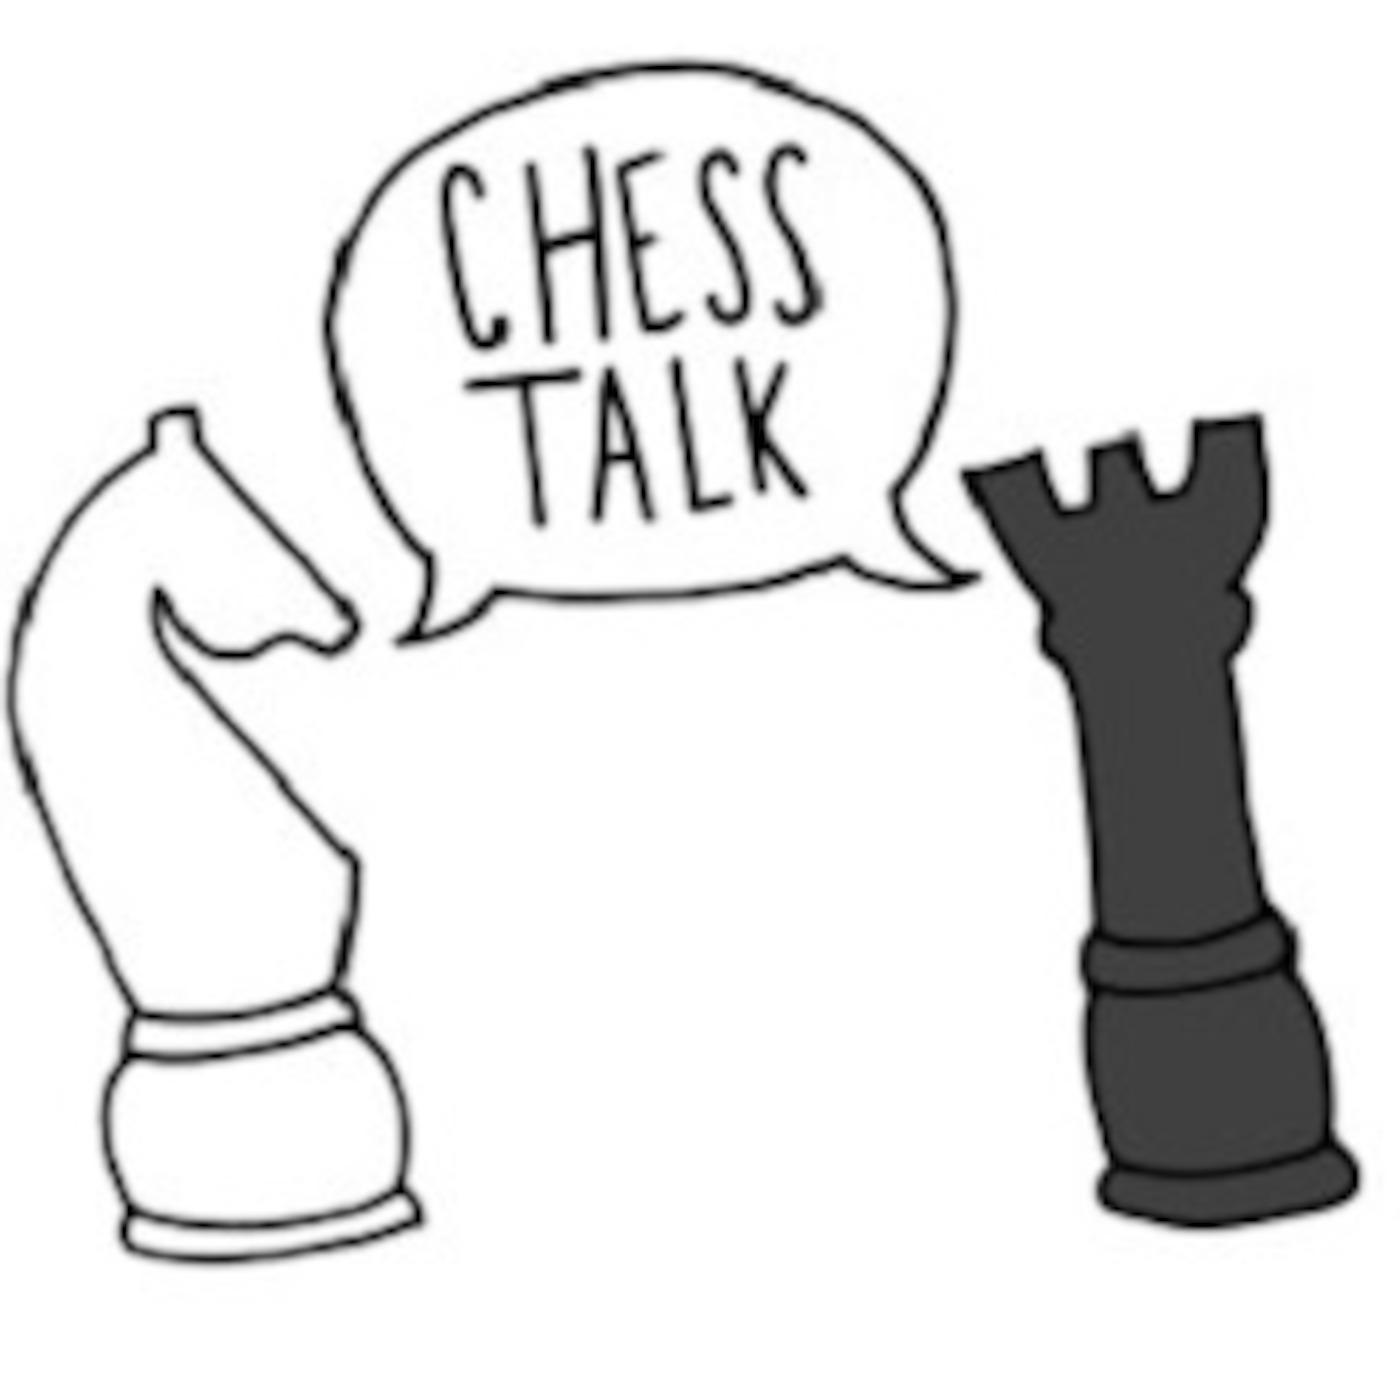 ChessTalk